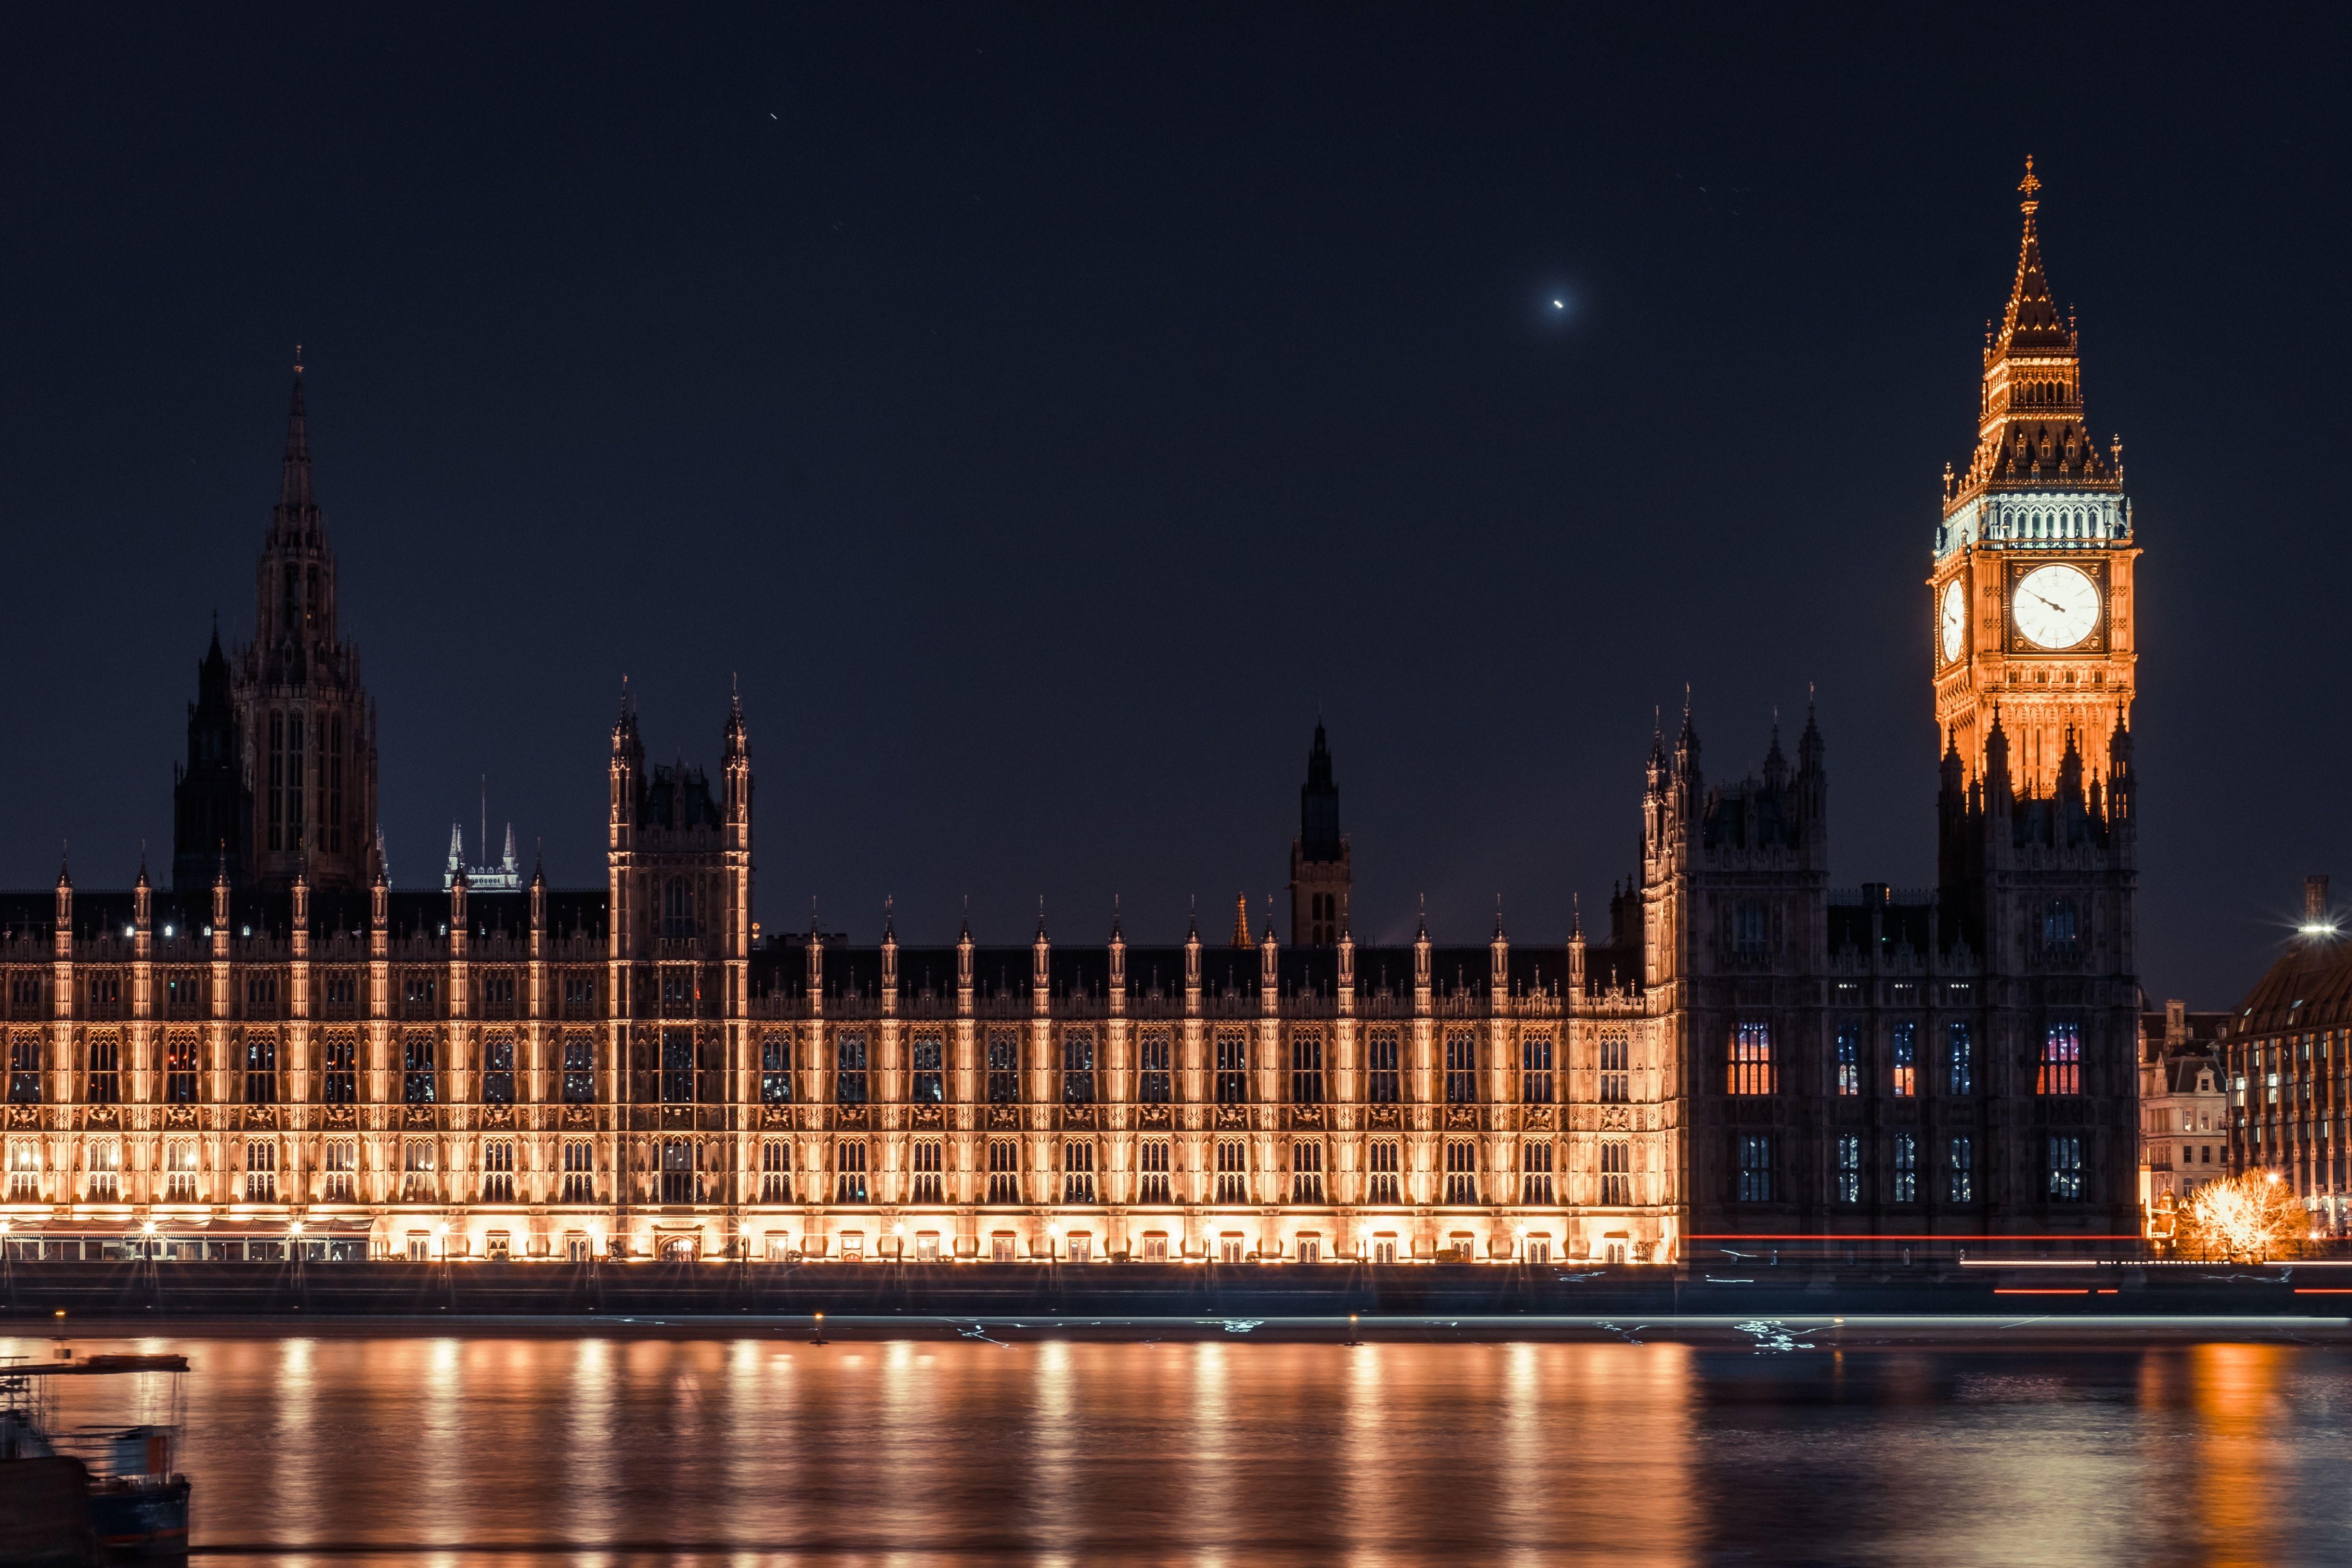 1aa0afc457f Big Ben é o apelido dado ao Grande Sino do relógio situado na torre do  Palácio de Westminster - sede do Parlamento britânico Samuel Zeller Unsplash